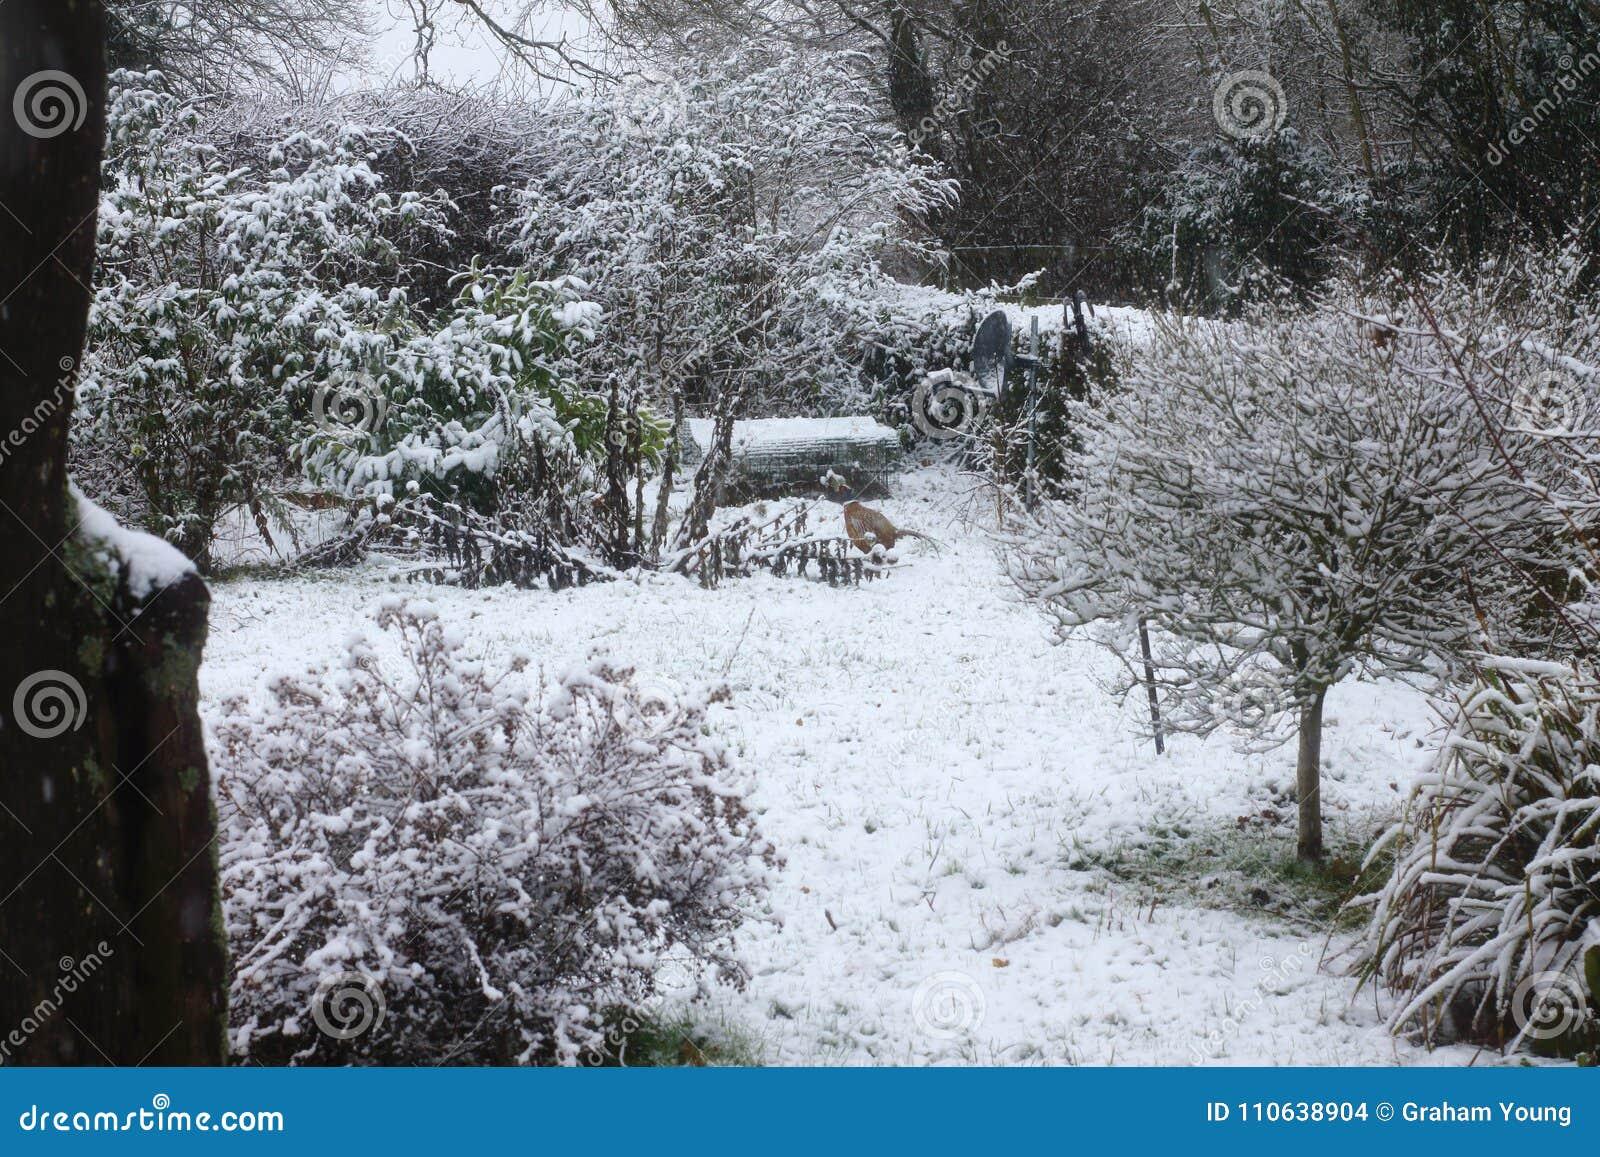 Suffolkschneeszene